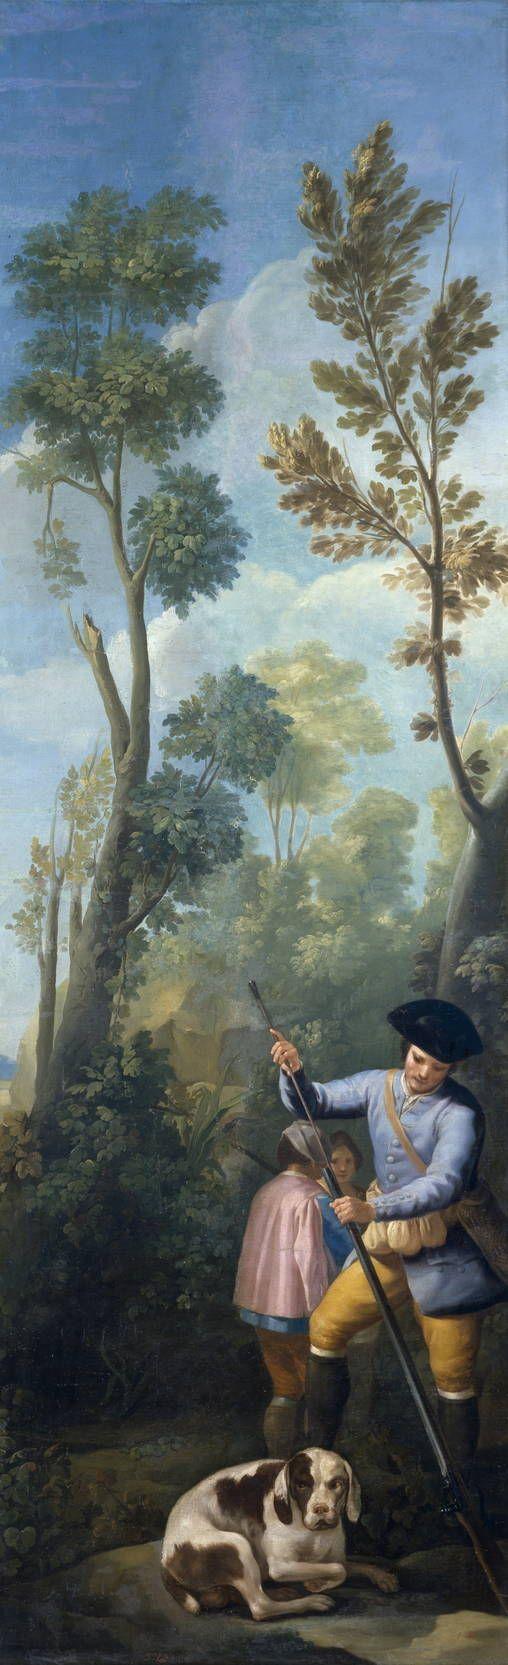 Goya en El Prado: Cazador cargando su escopeta. Museo del Prado. Madrid.